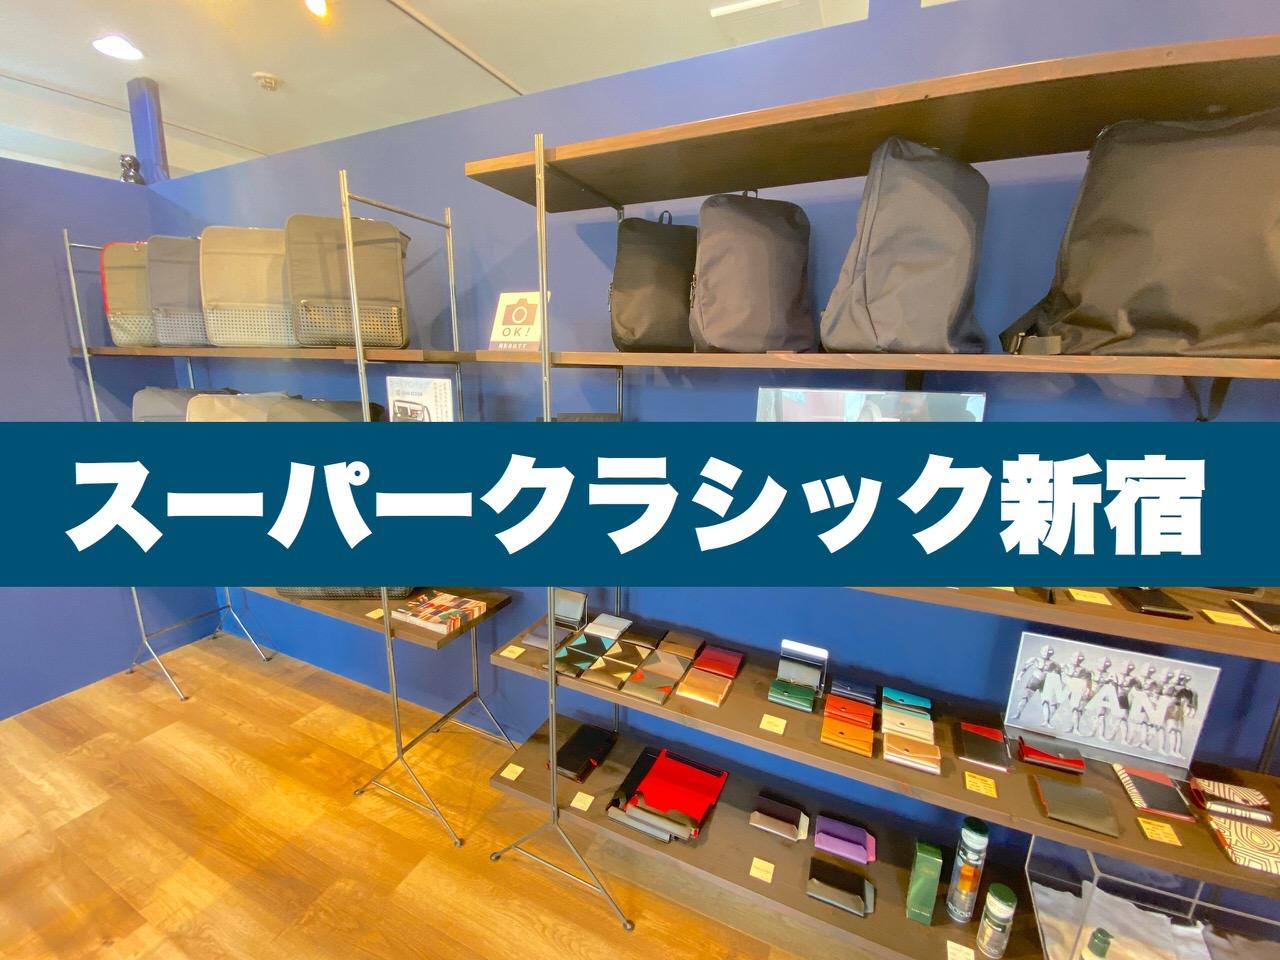 かわるビジネスリュックも手に取れる直営店「SUPER CLASSIC 新宿」新宿駅東口にオープン